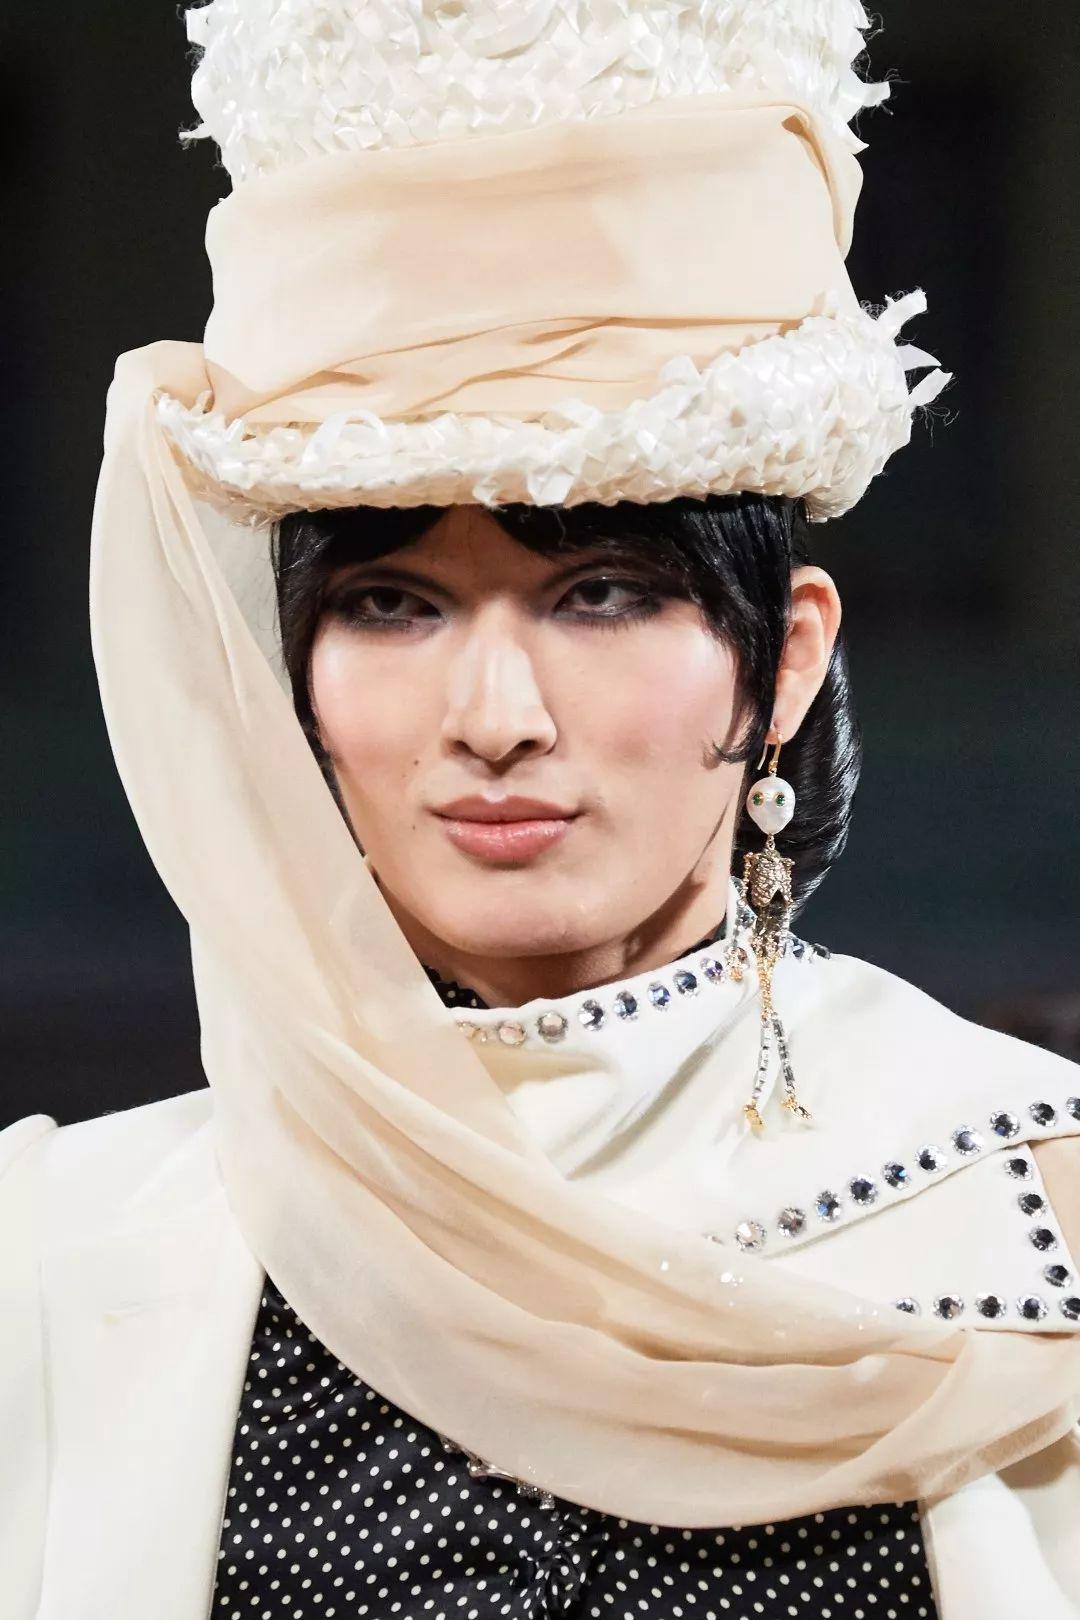 国模掰穴私拍艺术网_国模张正阳身着白色长外套,头戴白色复古礼帽,帽上缠绕着的纱巾缠绕